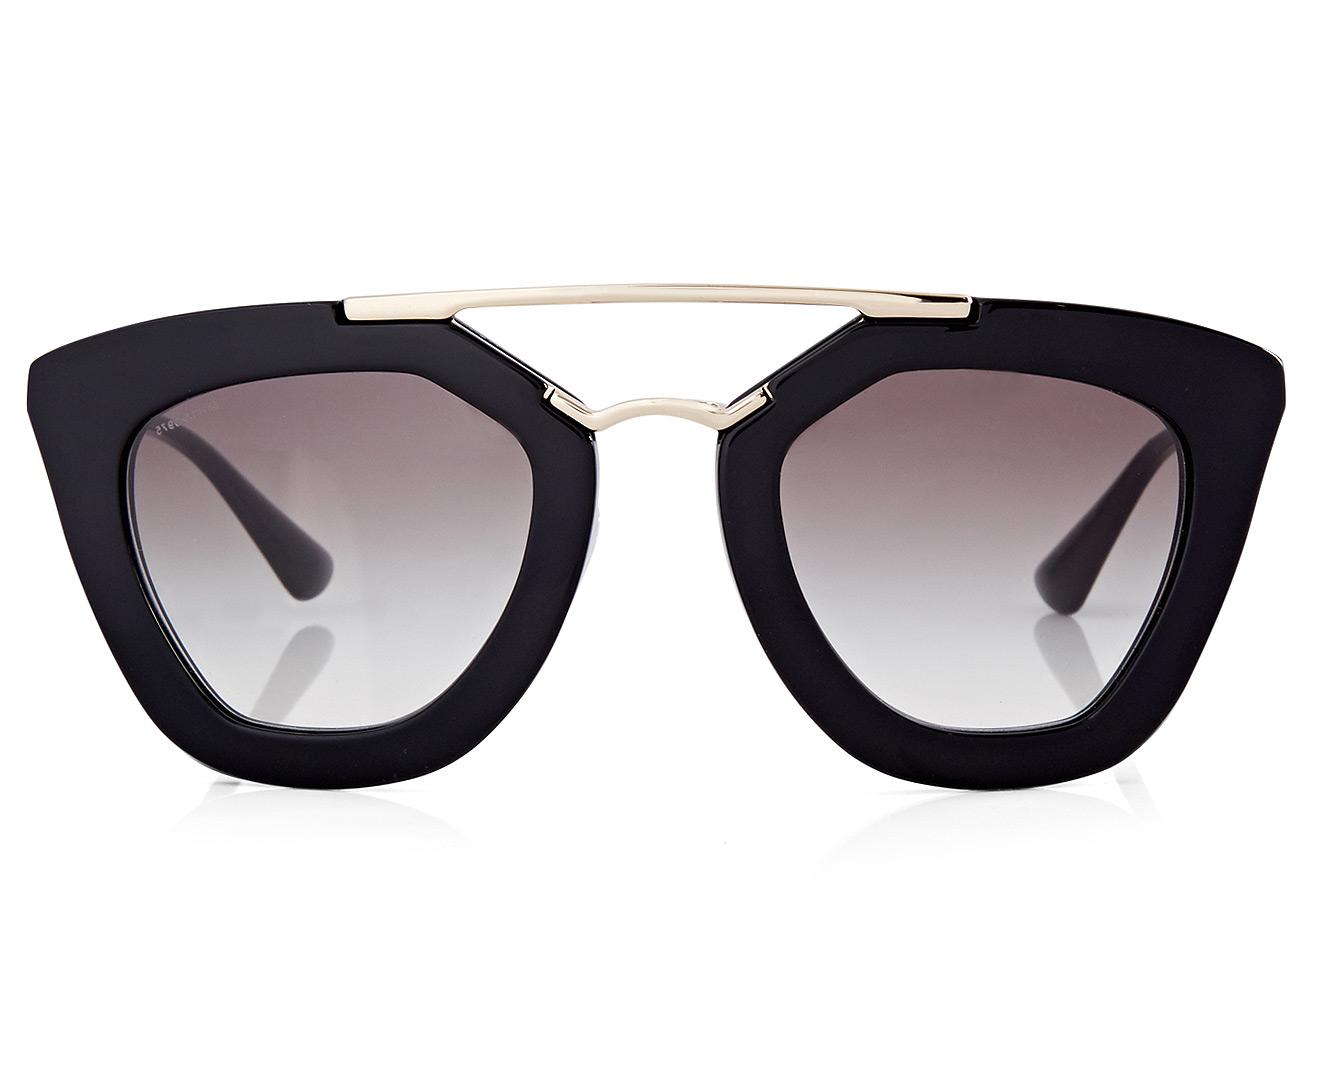 bba6769170e Prada Sunglasses Case Australia